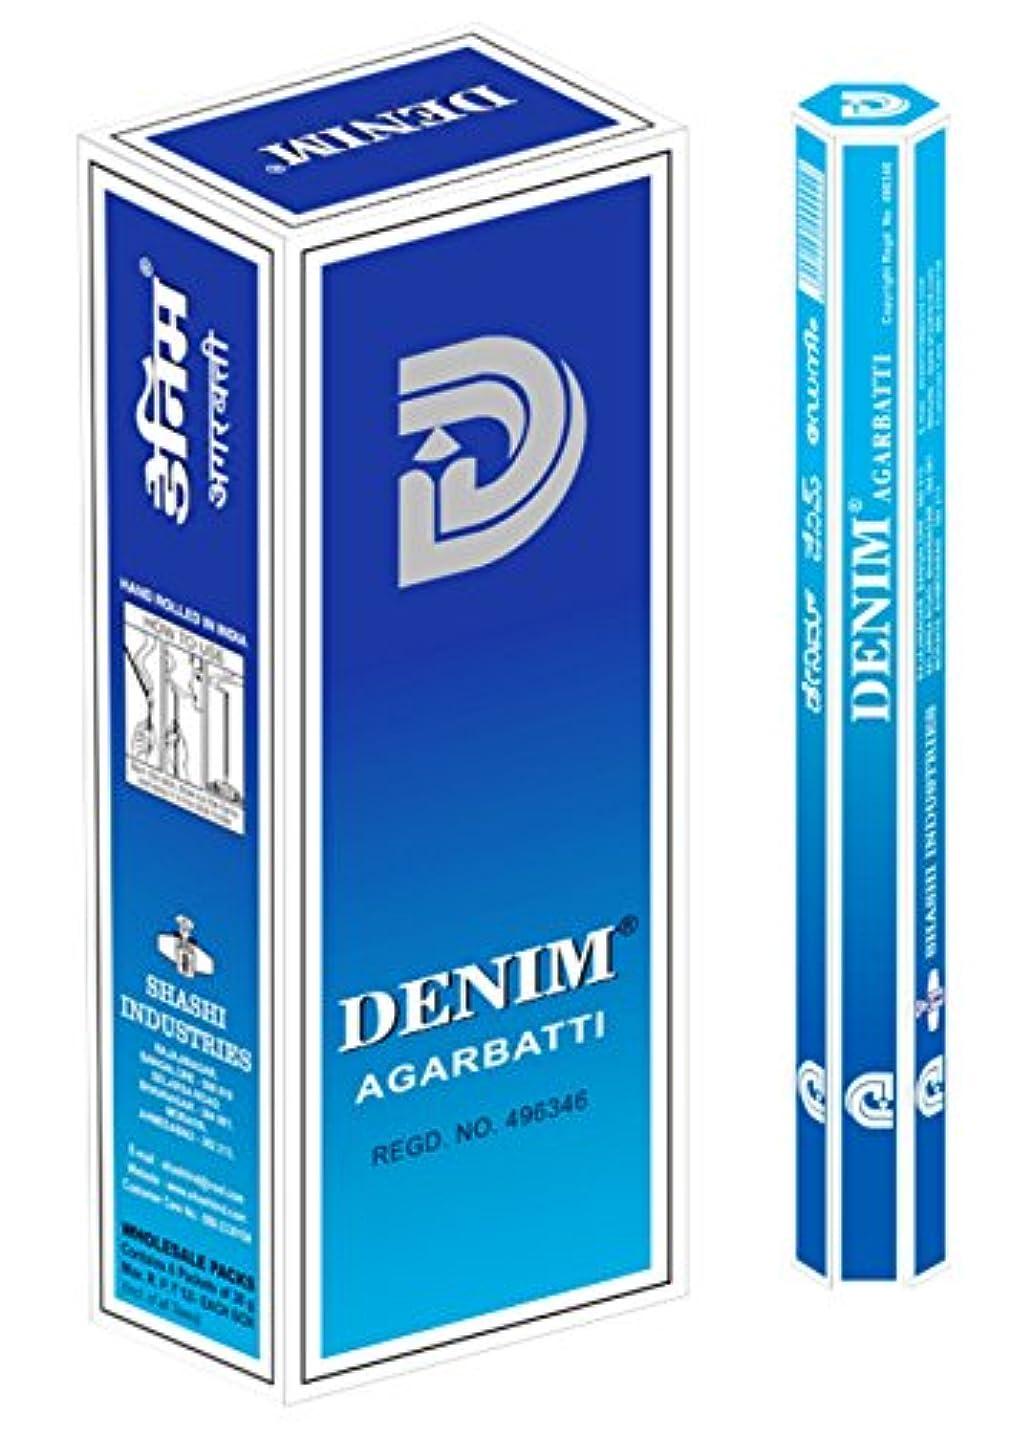 と遊ぶ好色なタービンSHASHI社 スティック型インドお香 DENIM 6箱セット